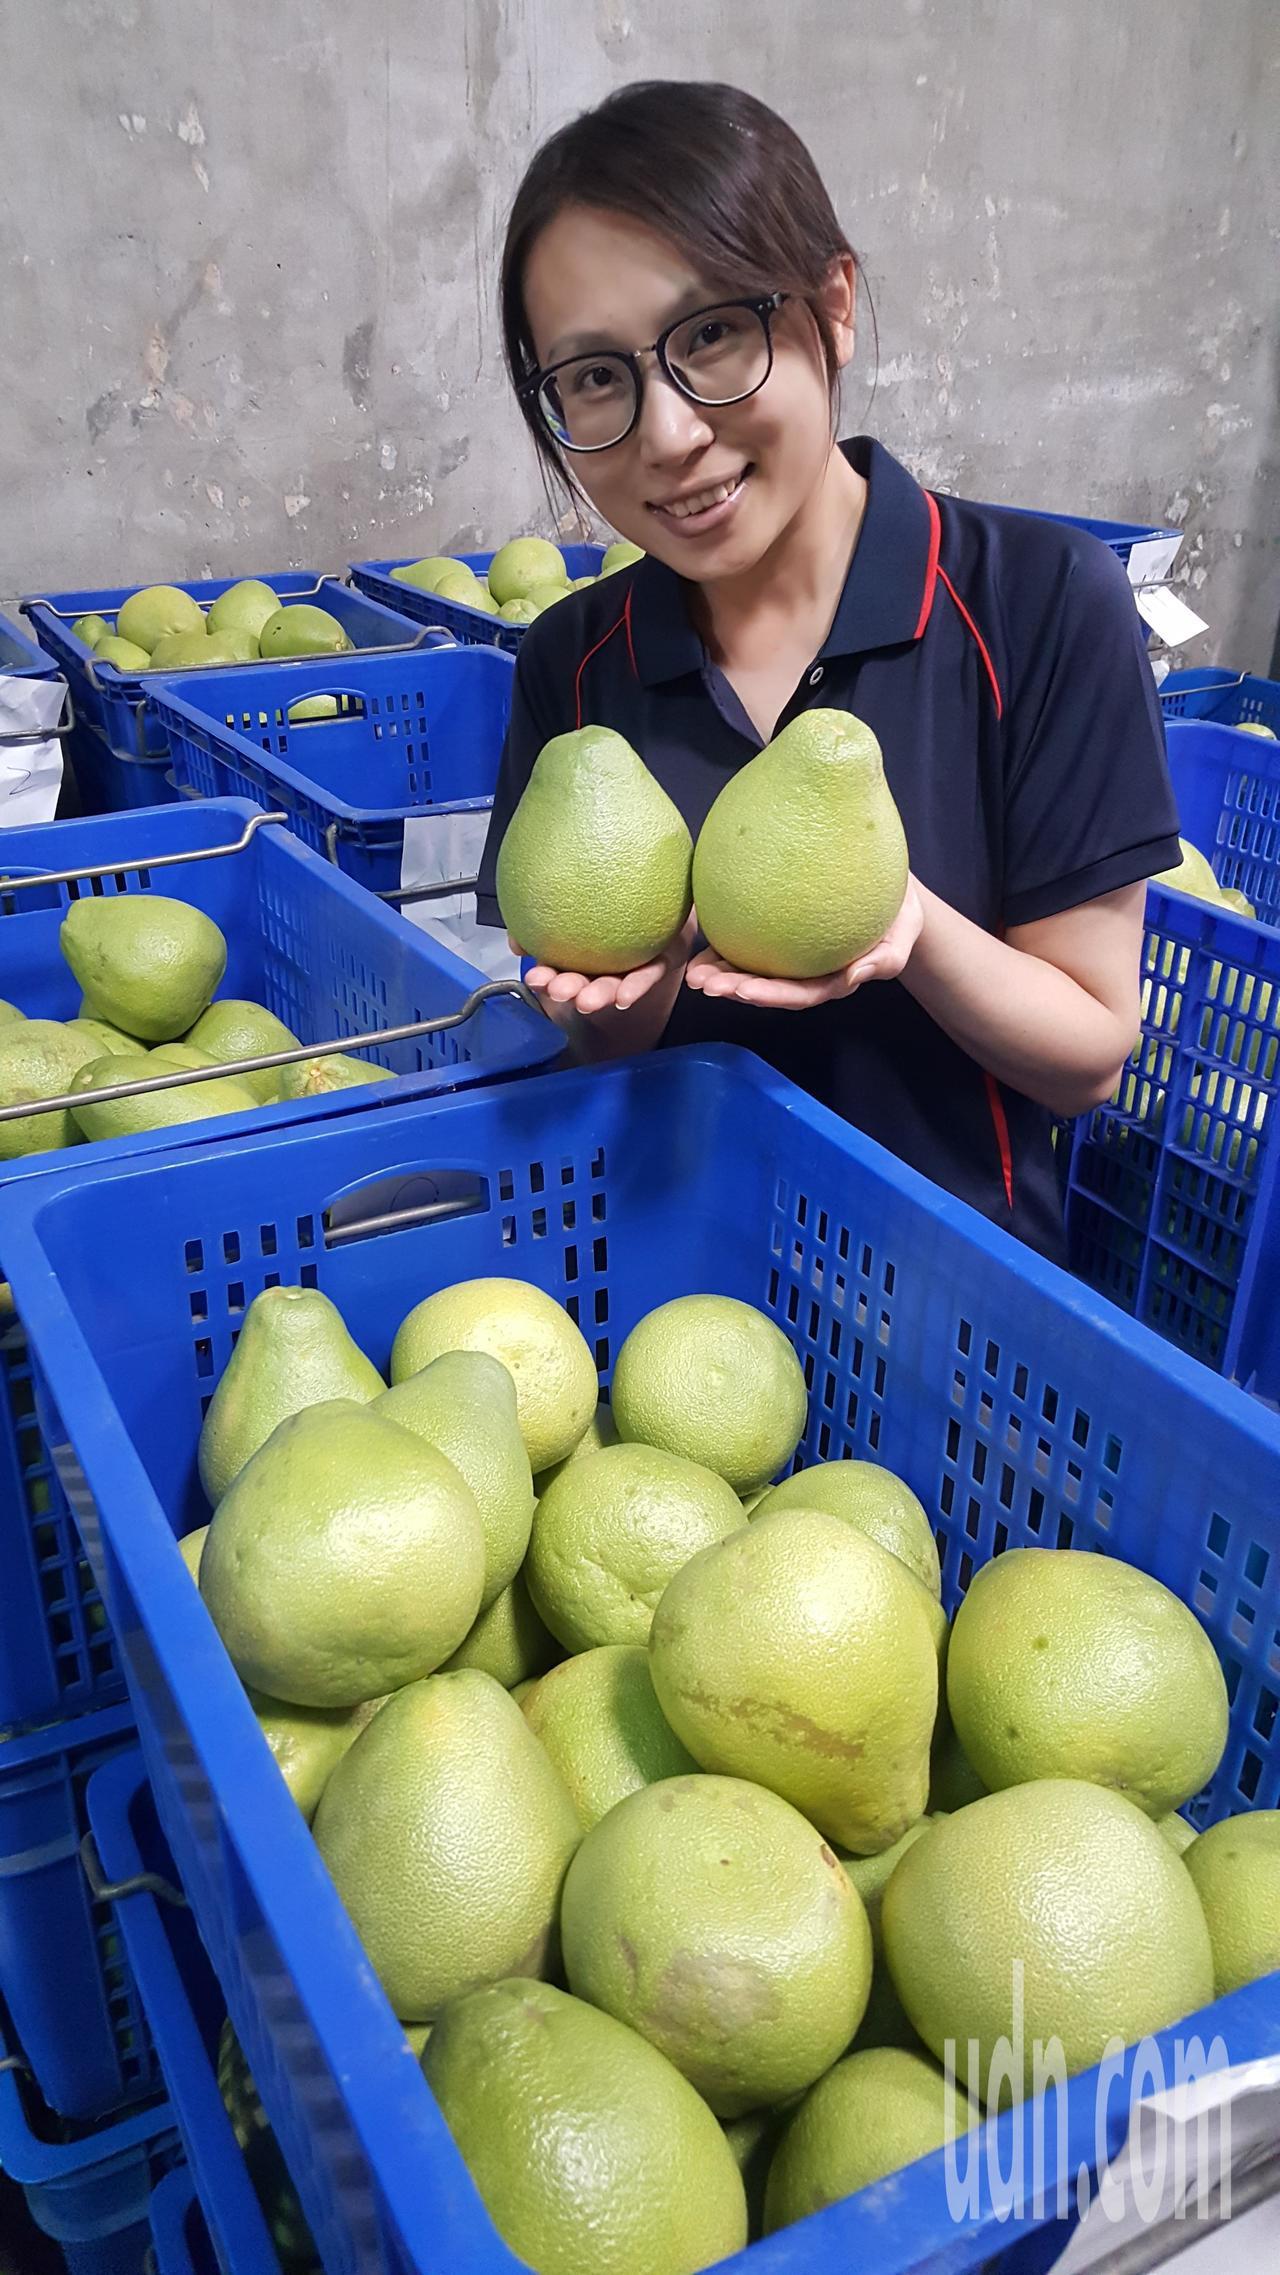 苗栗縣西湖鄉文旦柚今年豐收且品質佳,農會連日來忙著出貨。記者胡蓬生/攝影